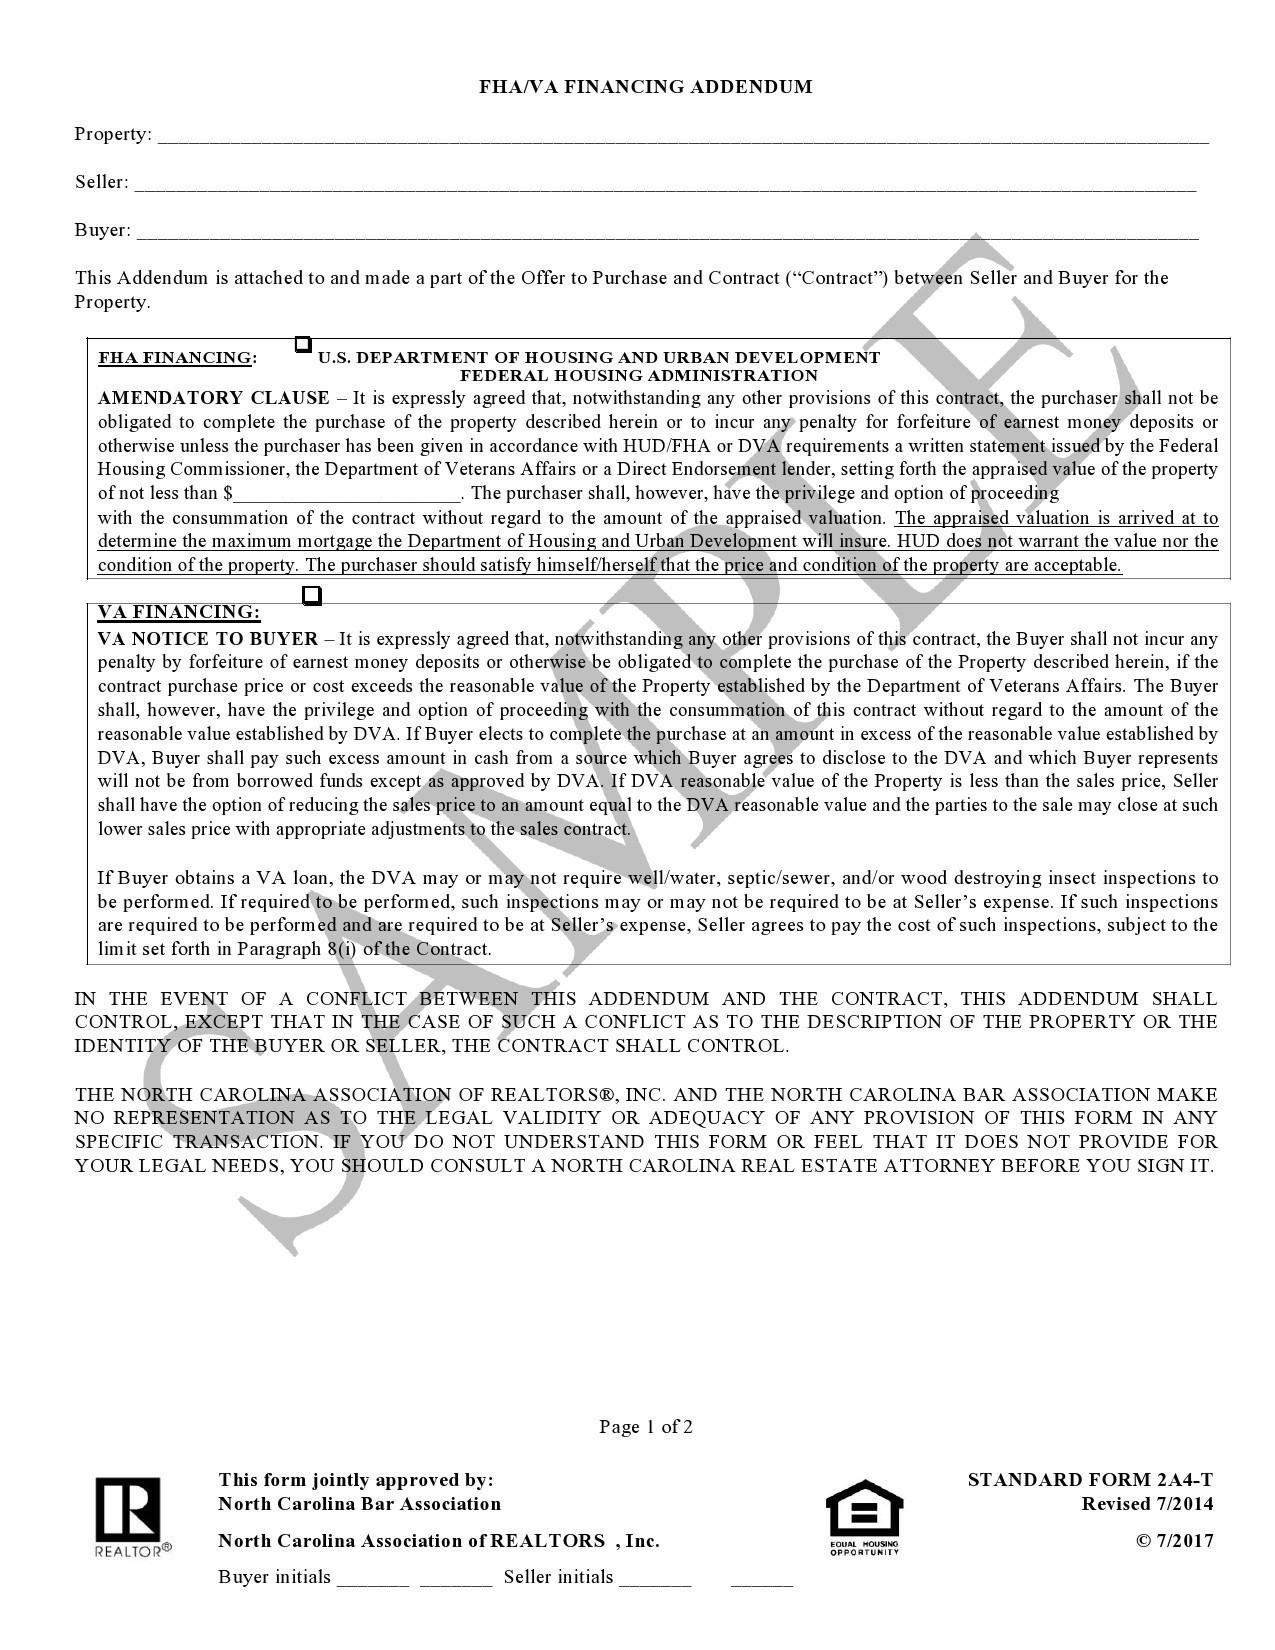 Free third party financing addendum 06